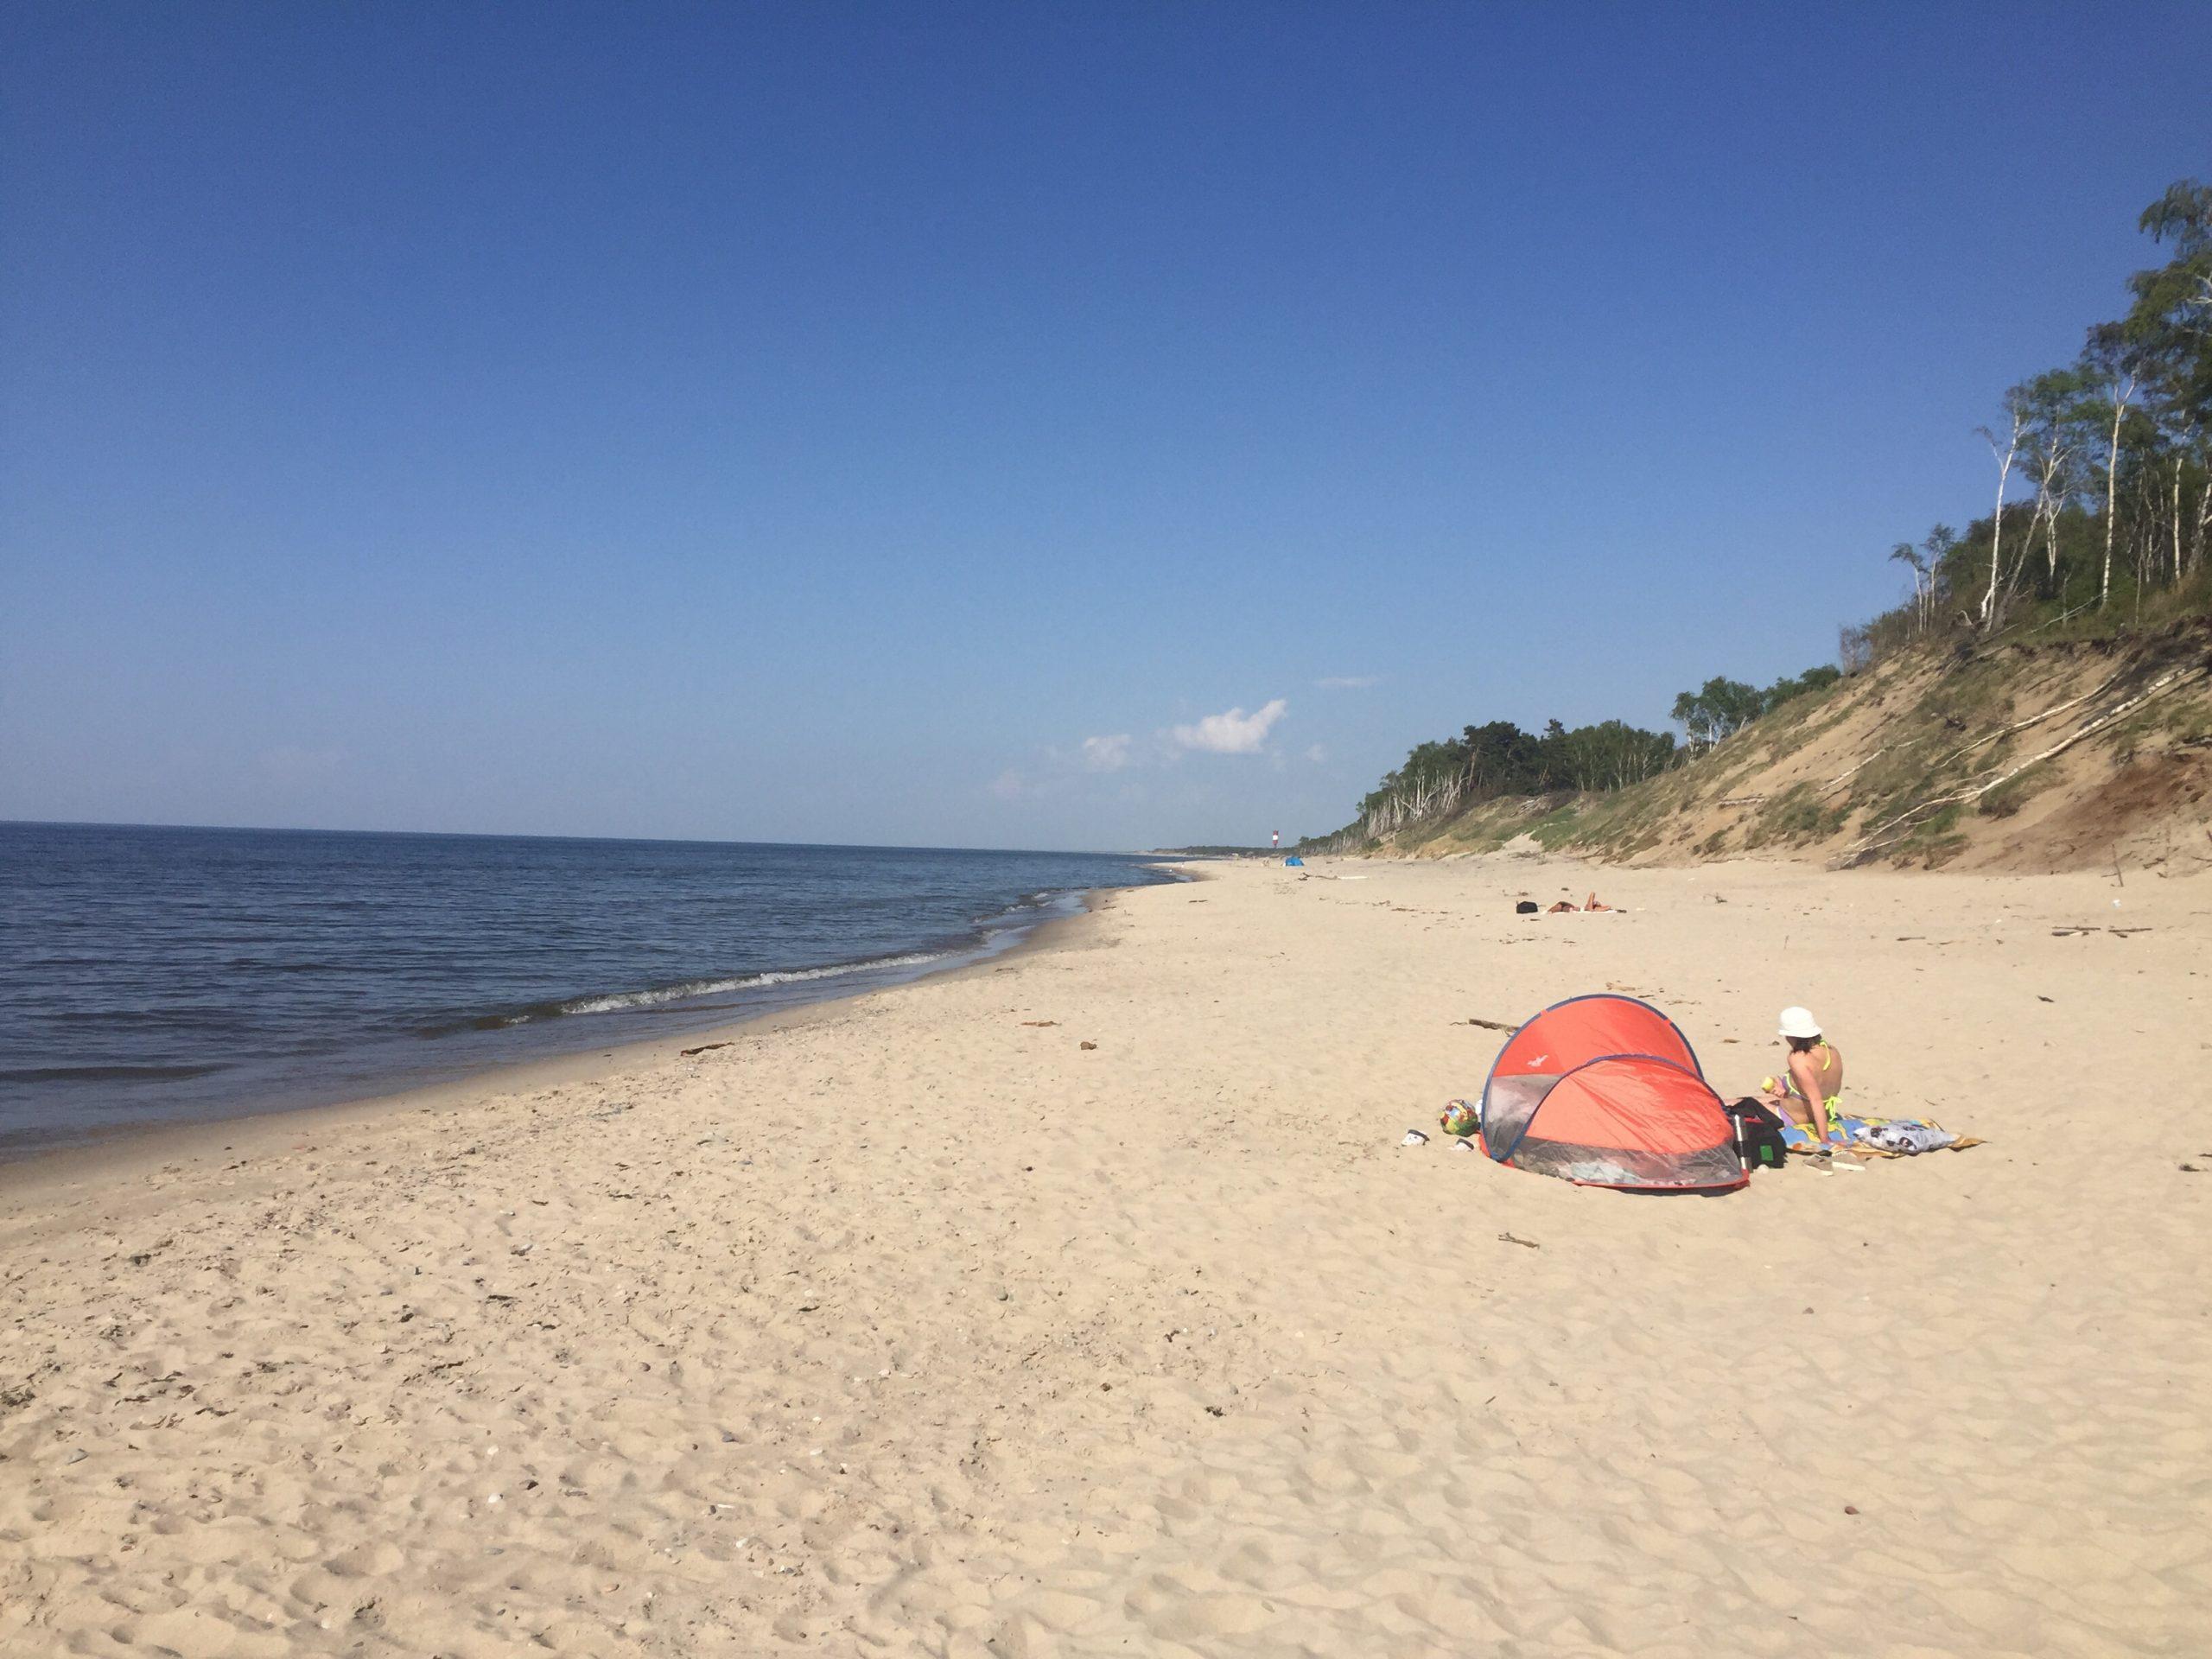 Enclave de Kaliningrad et Presqu'île de Courlande